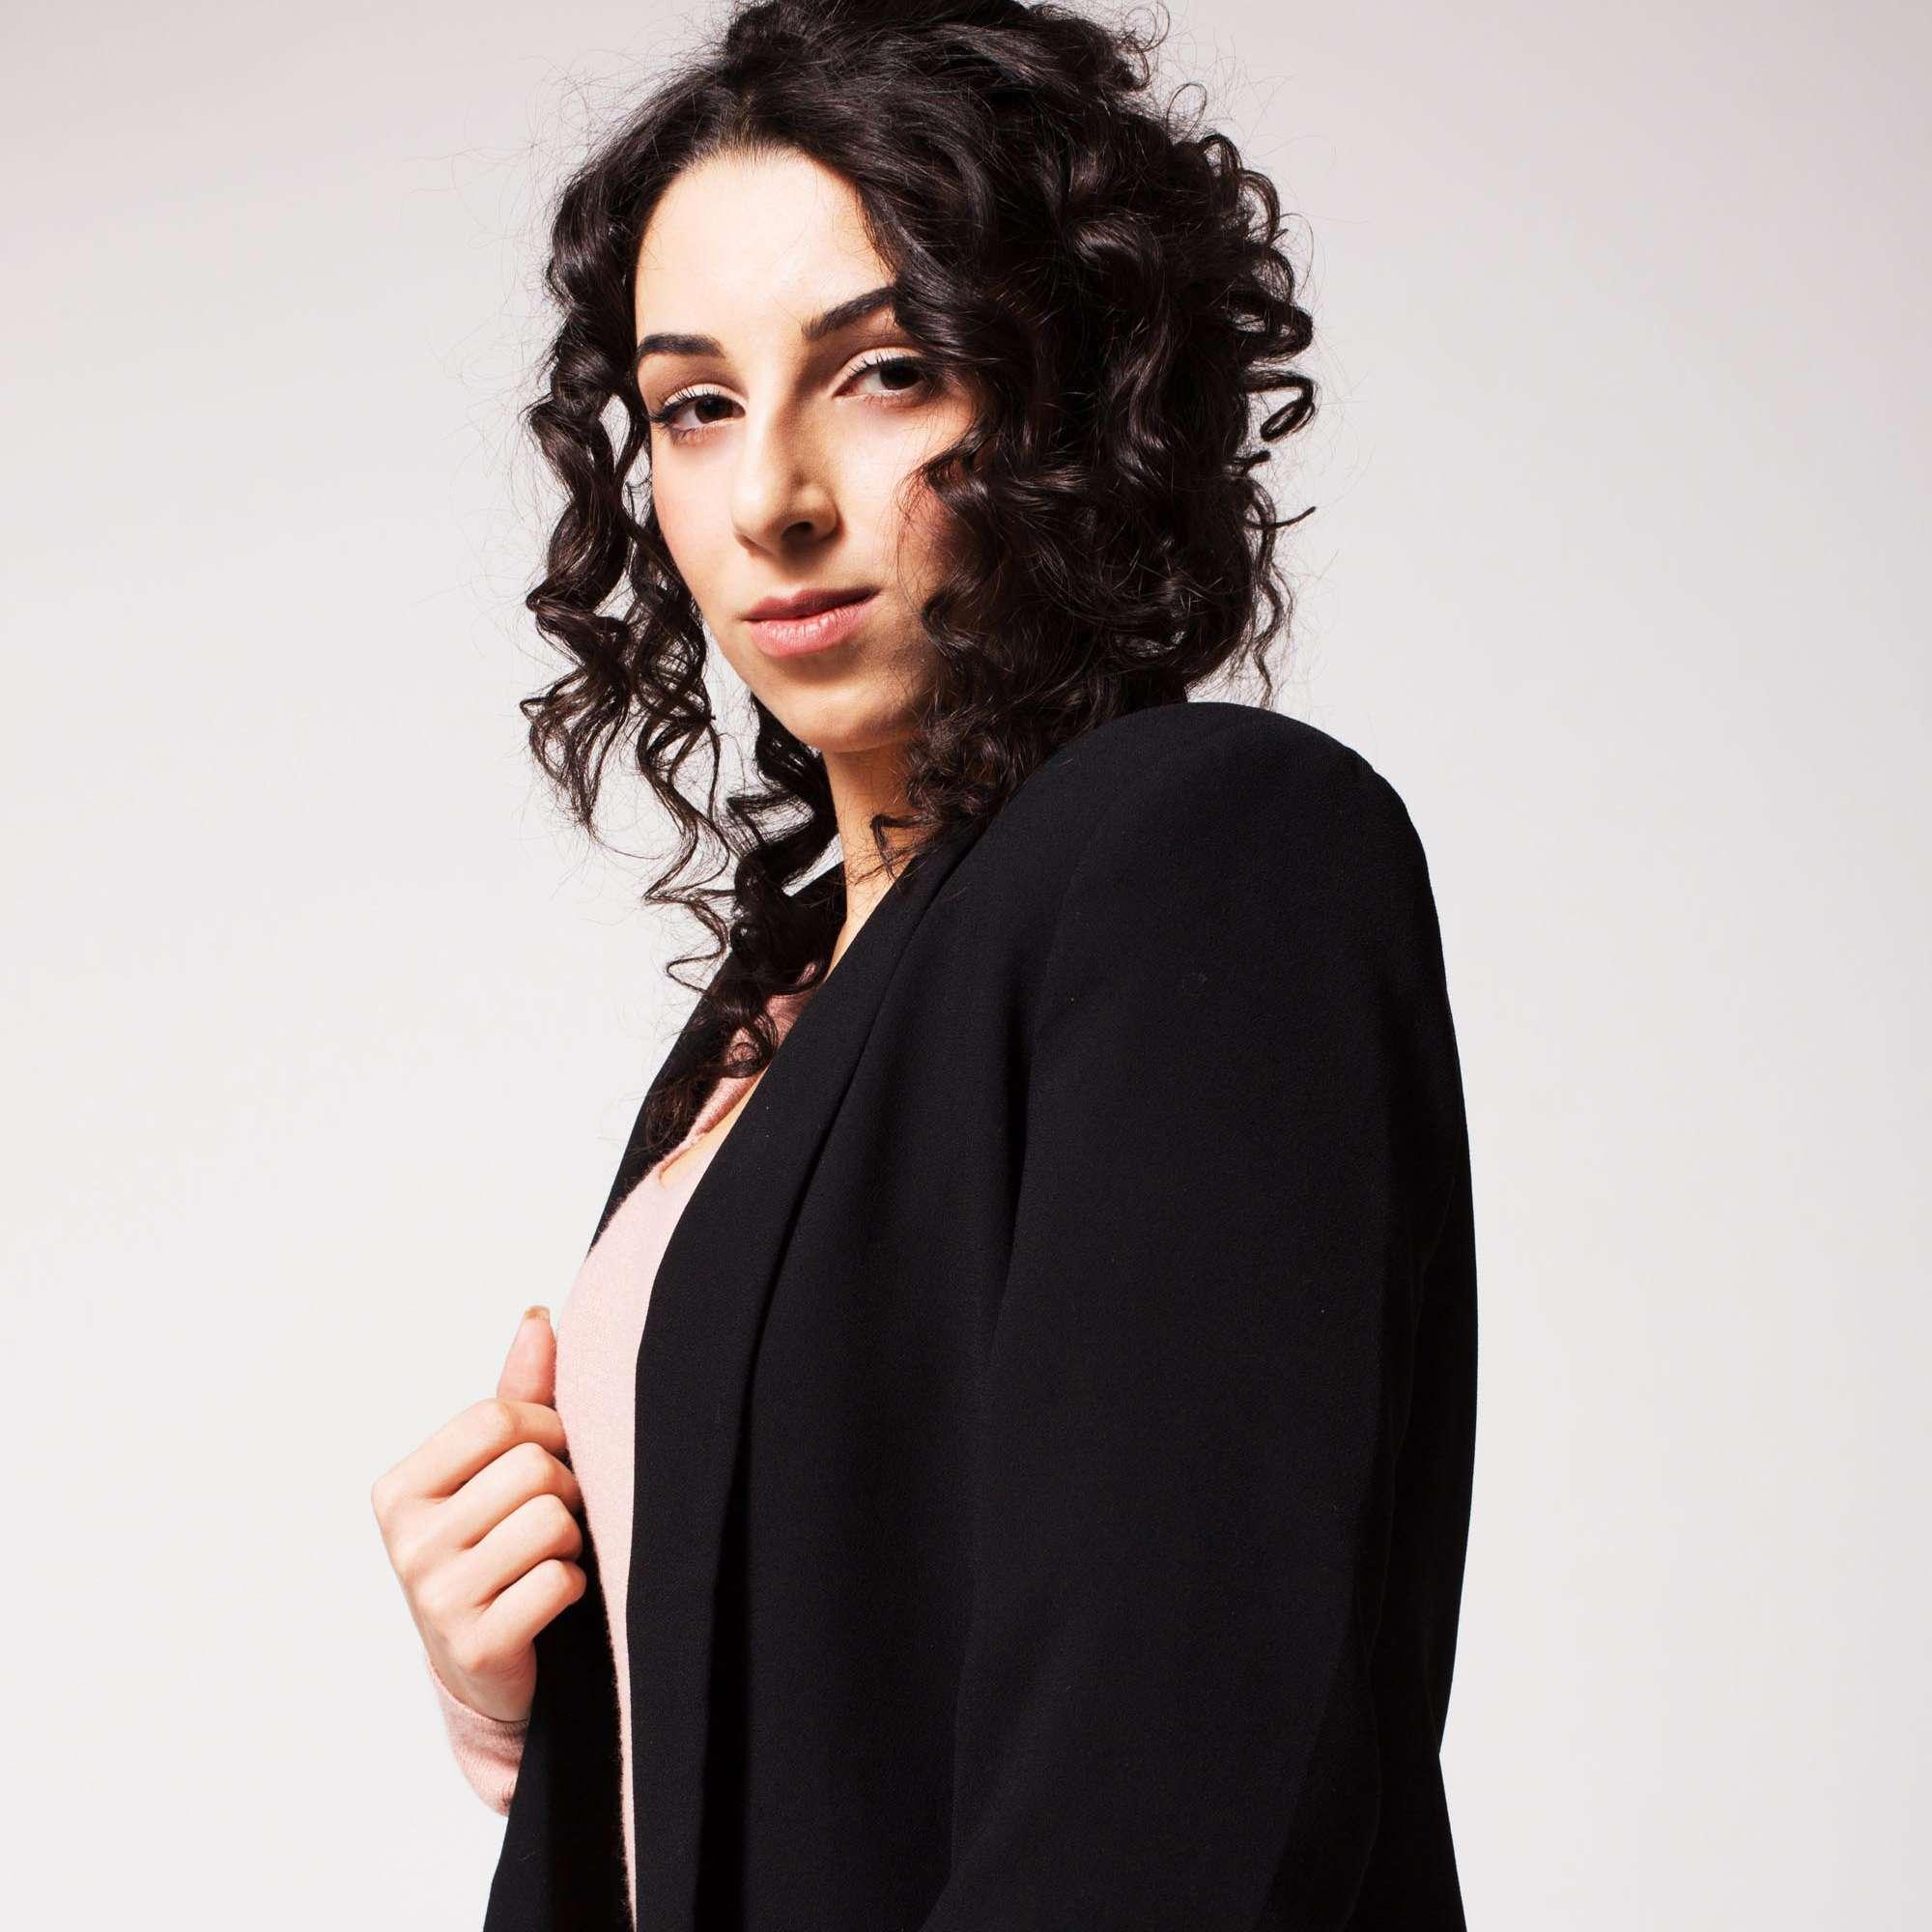 Sara S. - MB